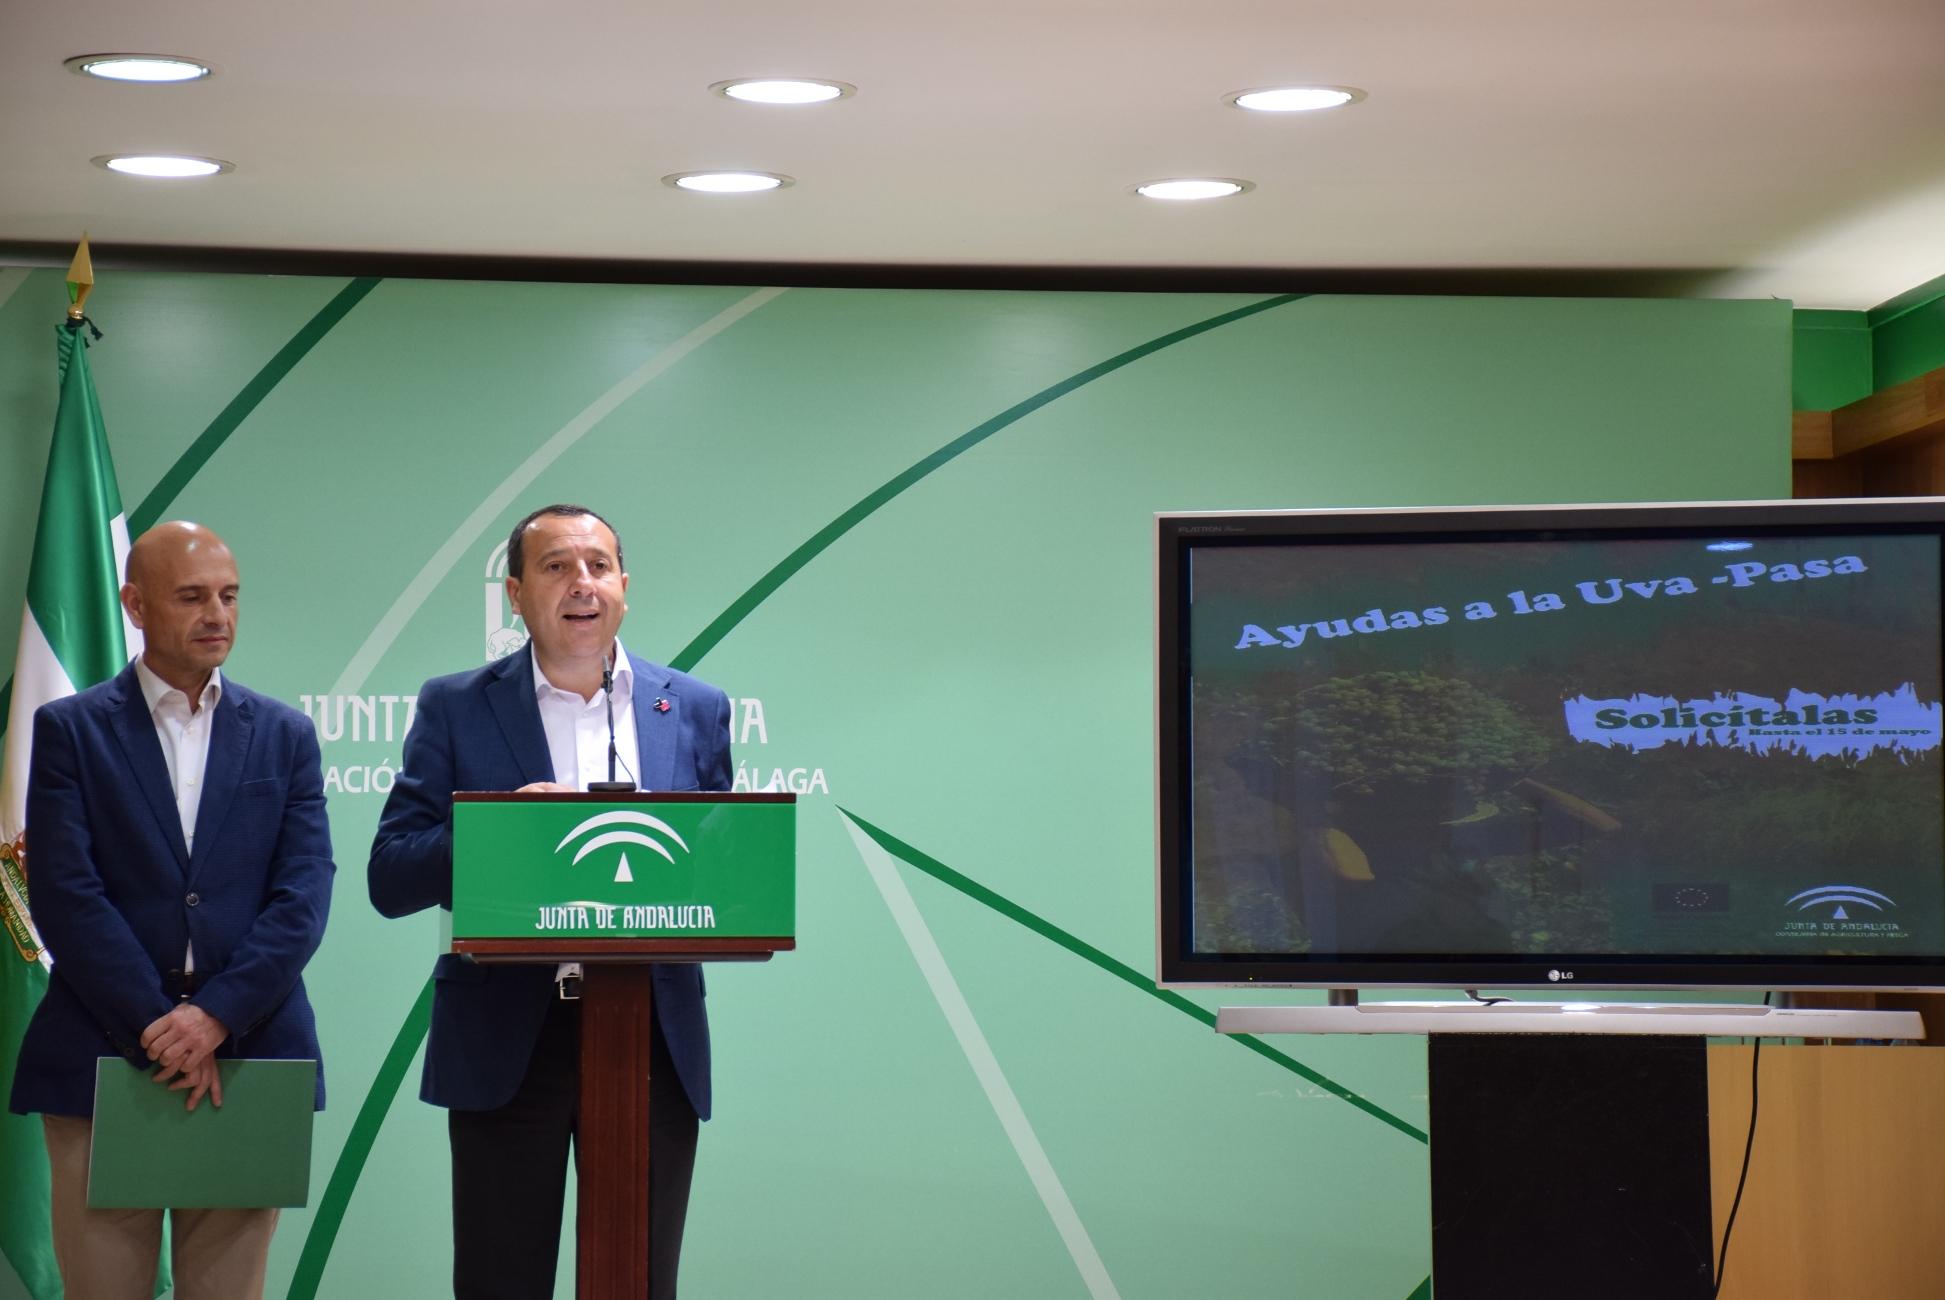 El sector agrario, ganadero y pesquero son ya el segundo motor económico de Málaga